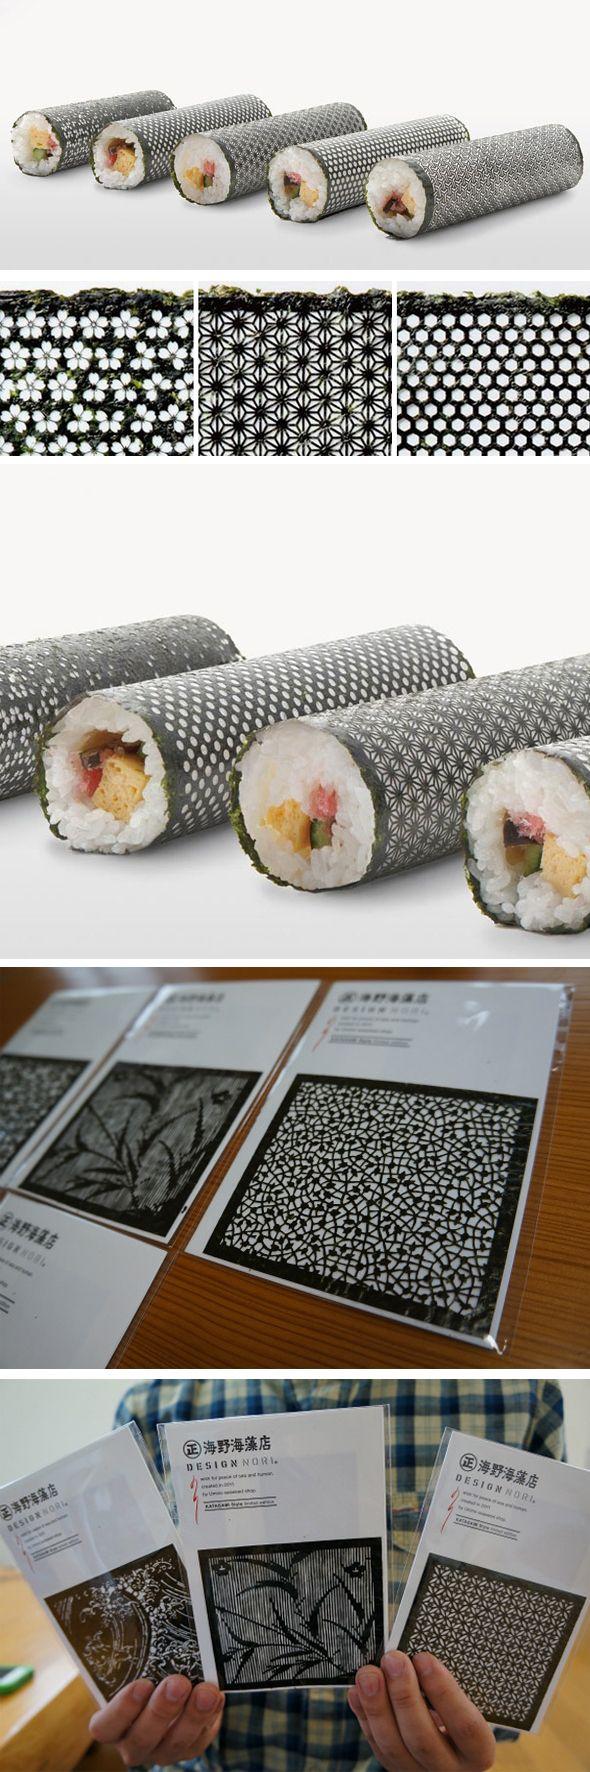 Pour aider à stimuler les ventes de nori, algue comestible connue pour être utilisée dans les sushis, l'agence de pub I BBDO a développé une série complexe d'algues découpées au laser. Chaque feuille est basée sur l'histoire ou la symbolique du Japon et représente le bonheur, la chance et la longévité. Bel exemple pour rendre une simple algue attrayante et esthétique. http://www.isbbdo.co.jp/